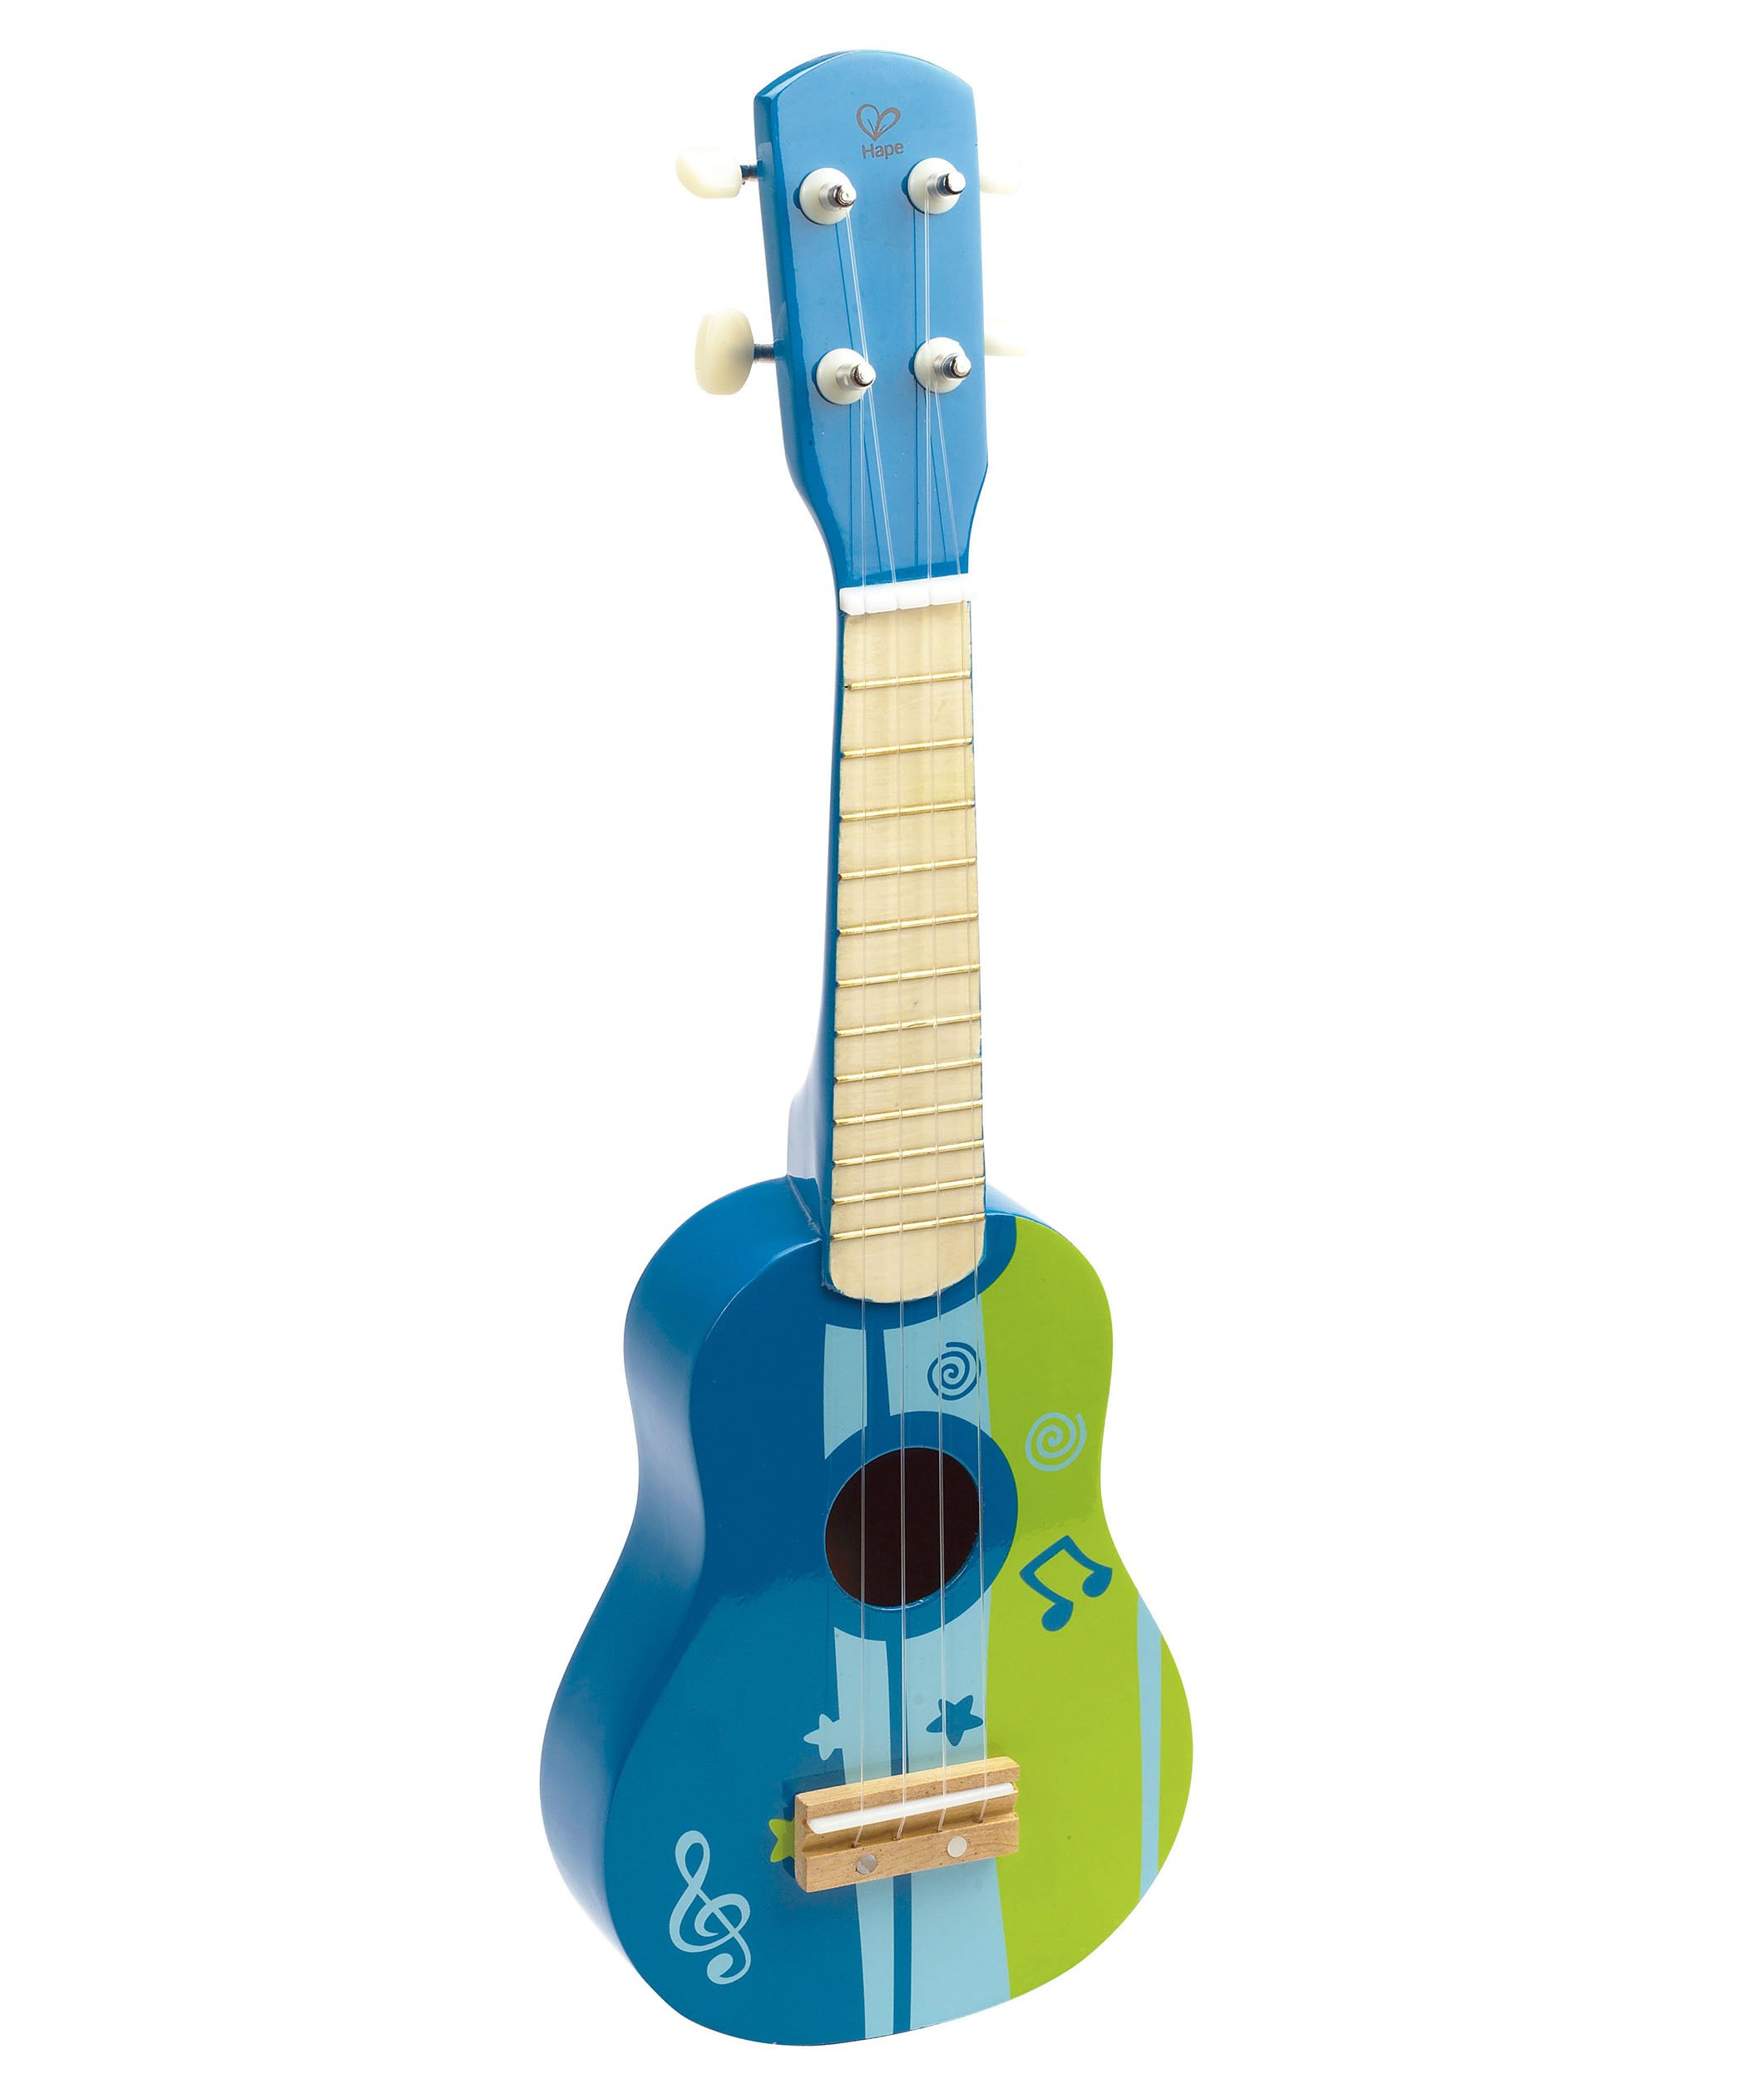 Hape Kid's Wooden Toy Ukulele in Blue